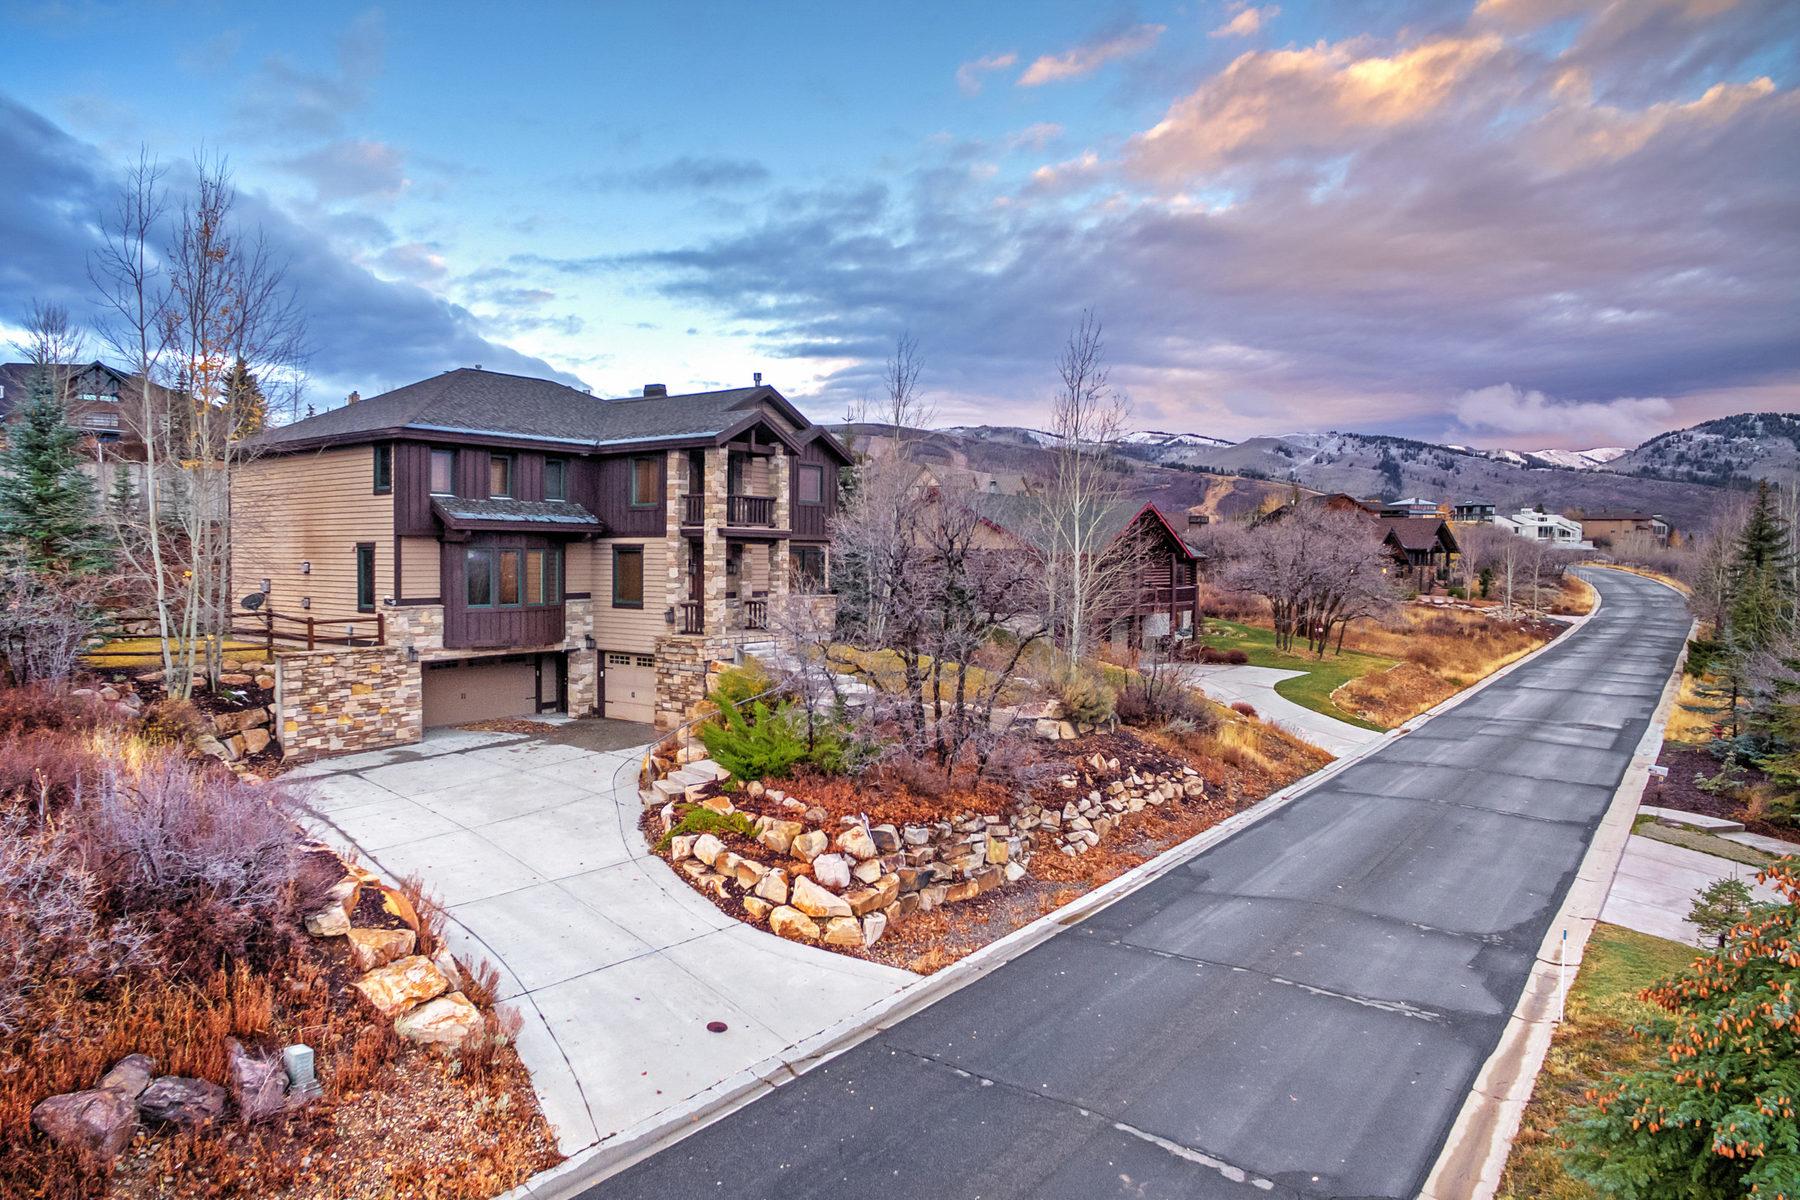 Maison unifamiliale pour l Vente à Custom Mountain Home in Coveted Aerie 1539 Aerie Dr Park City, Utah, 84060 États-Unis